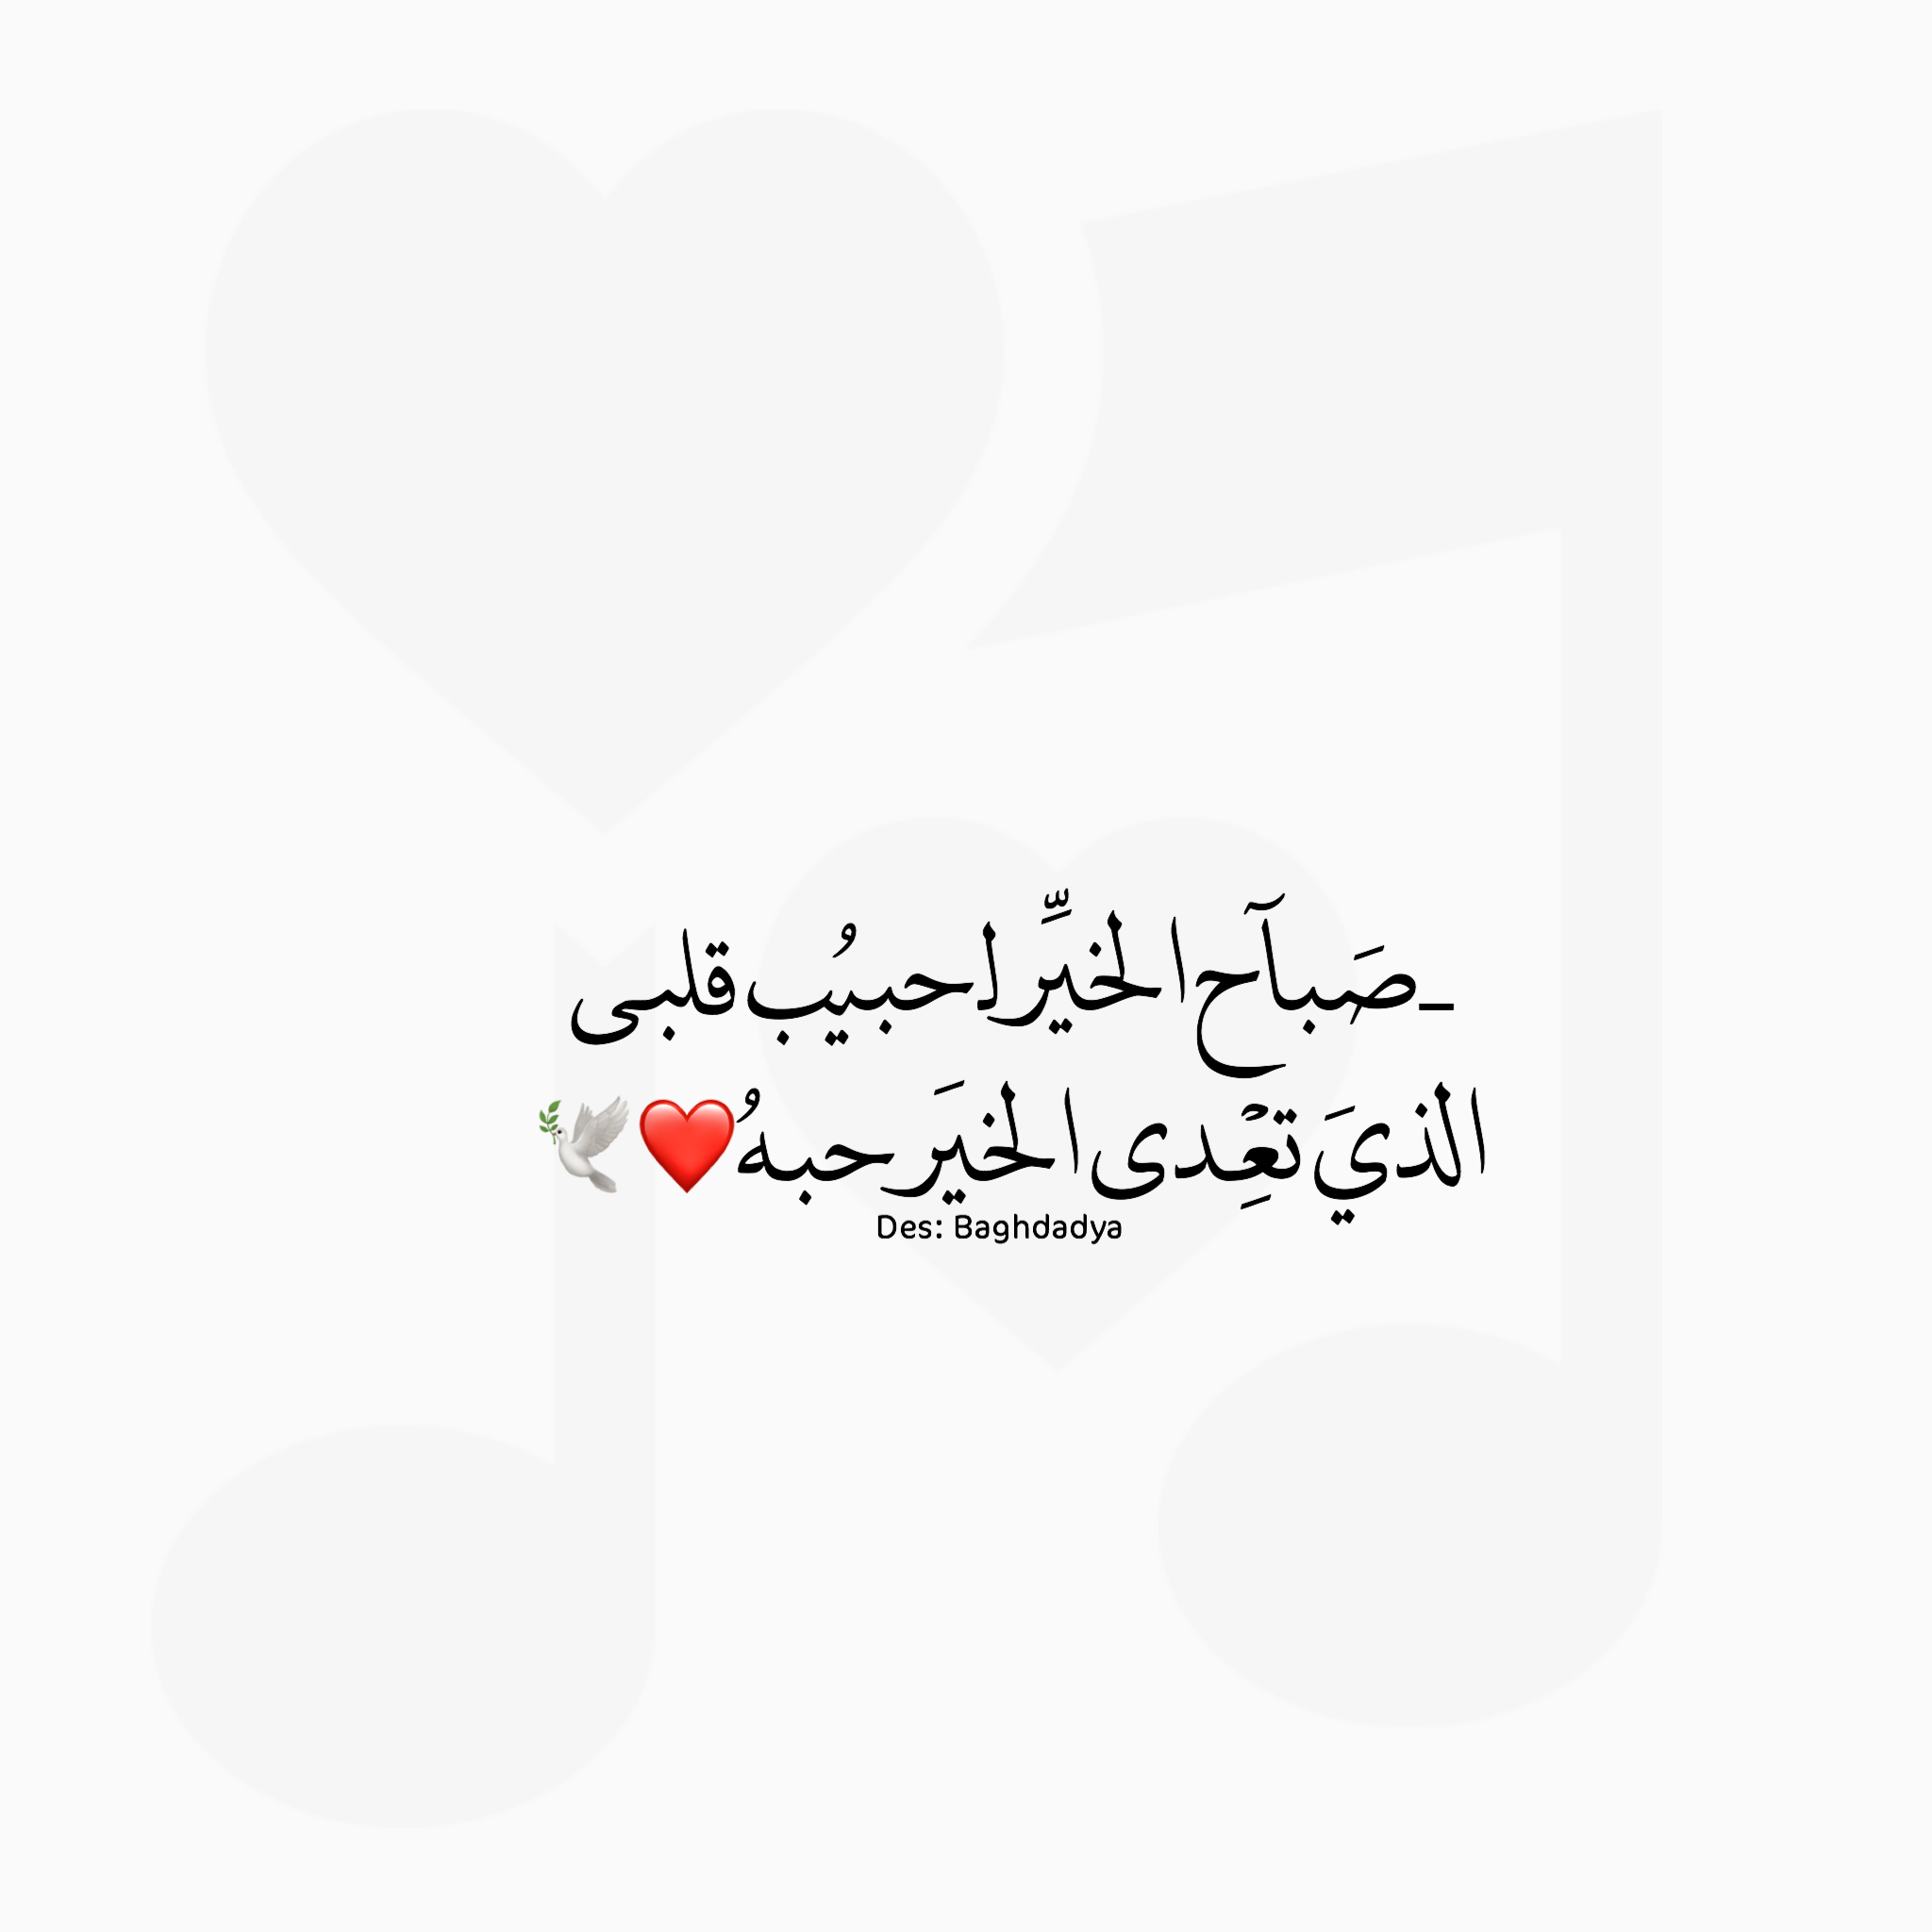 إن شاء الله سوف انظر لوجهك وانت نايمة وﻻ اشبع منه وانتظر أن تفتحي أجمل عيون عسليا وقولك صباحك عسل Calligraphy Quotes Love Morning Love Quotes Romantic Words